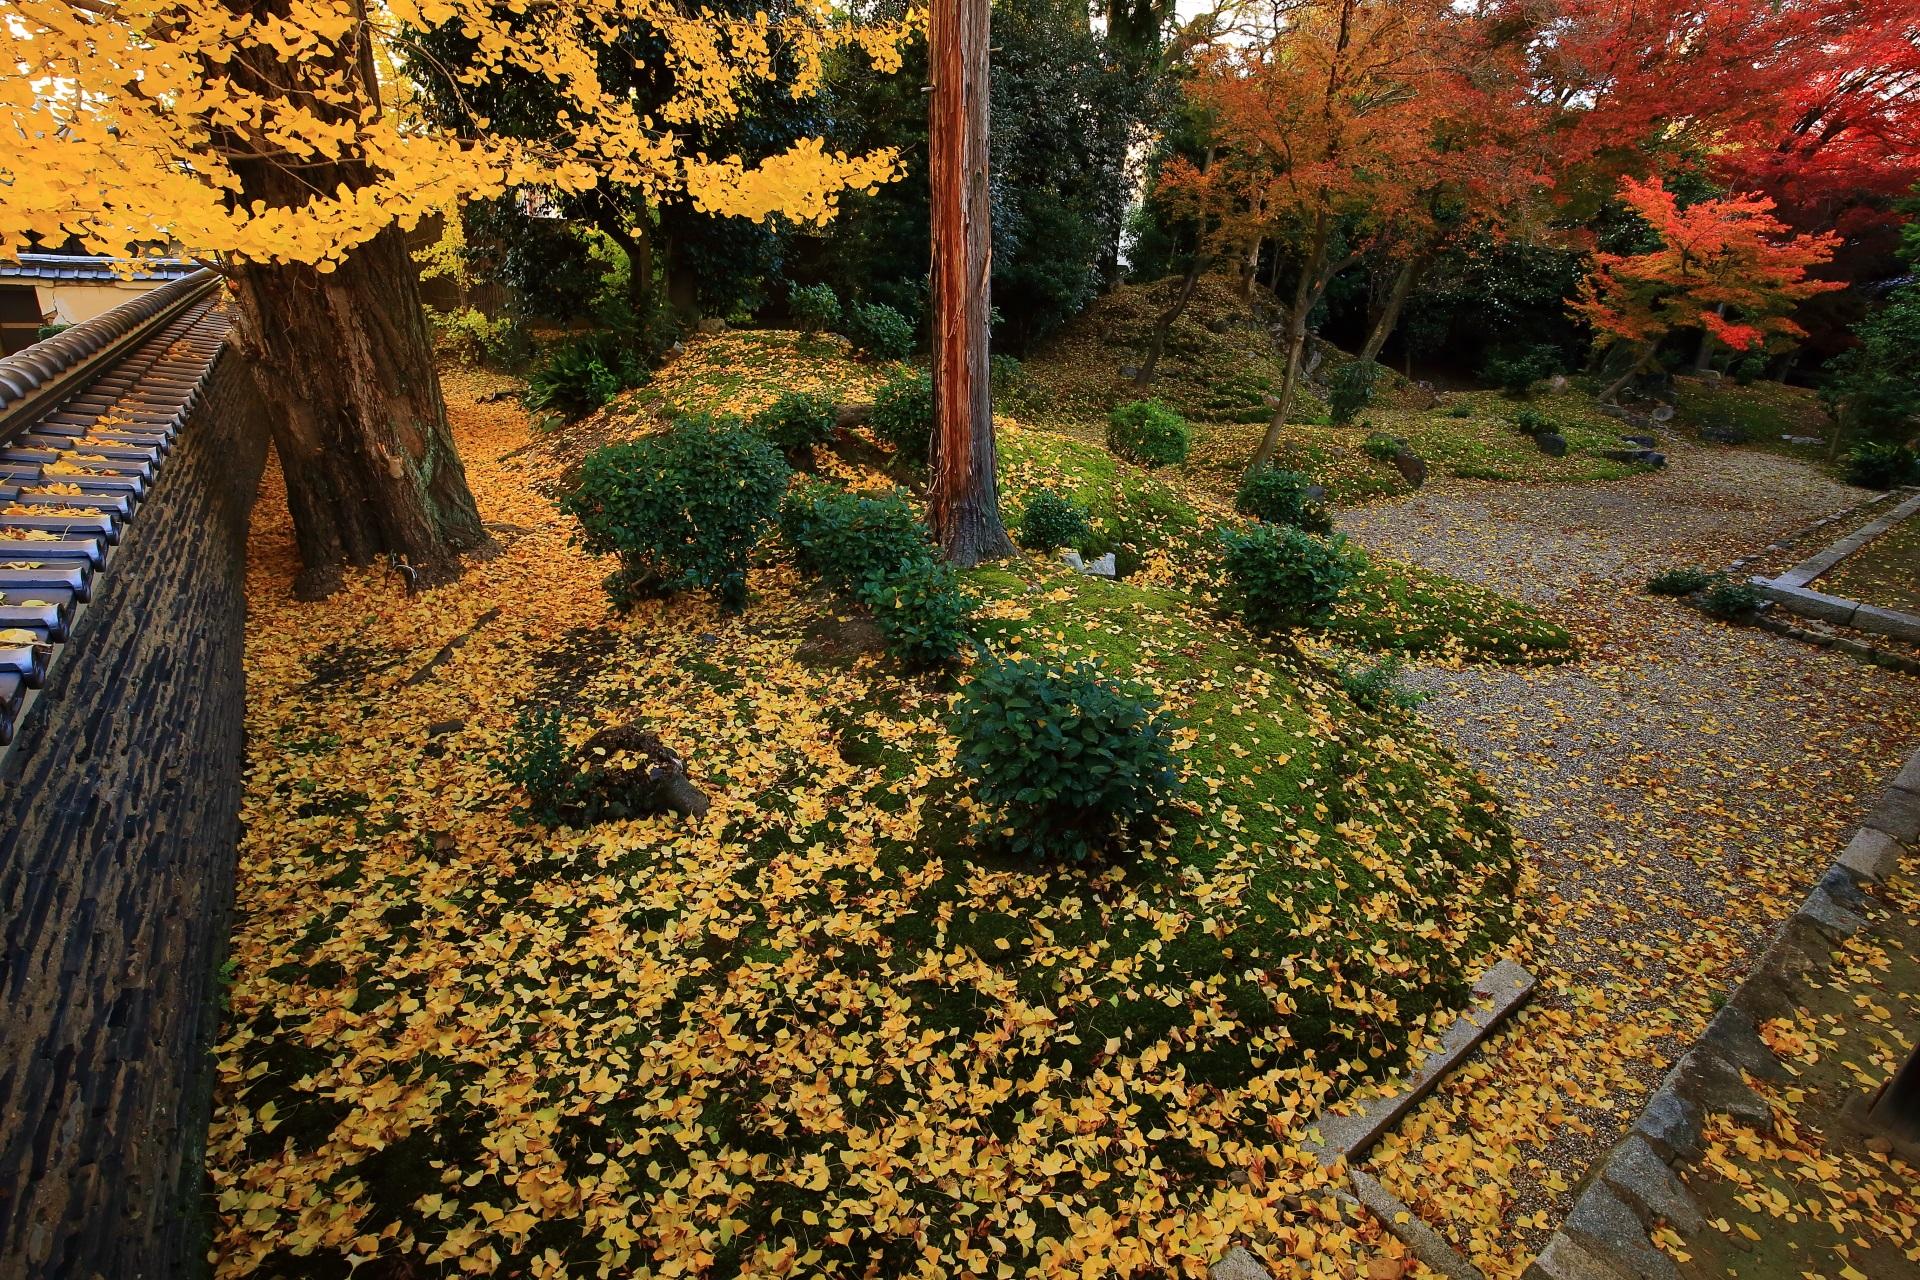 立本寺 銀杏と散り銀杏 庭園を彩る圧巻の秋色